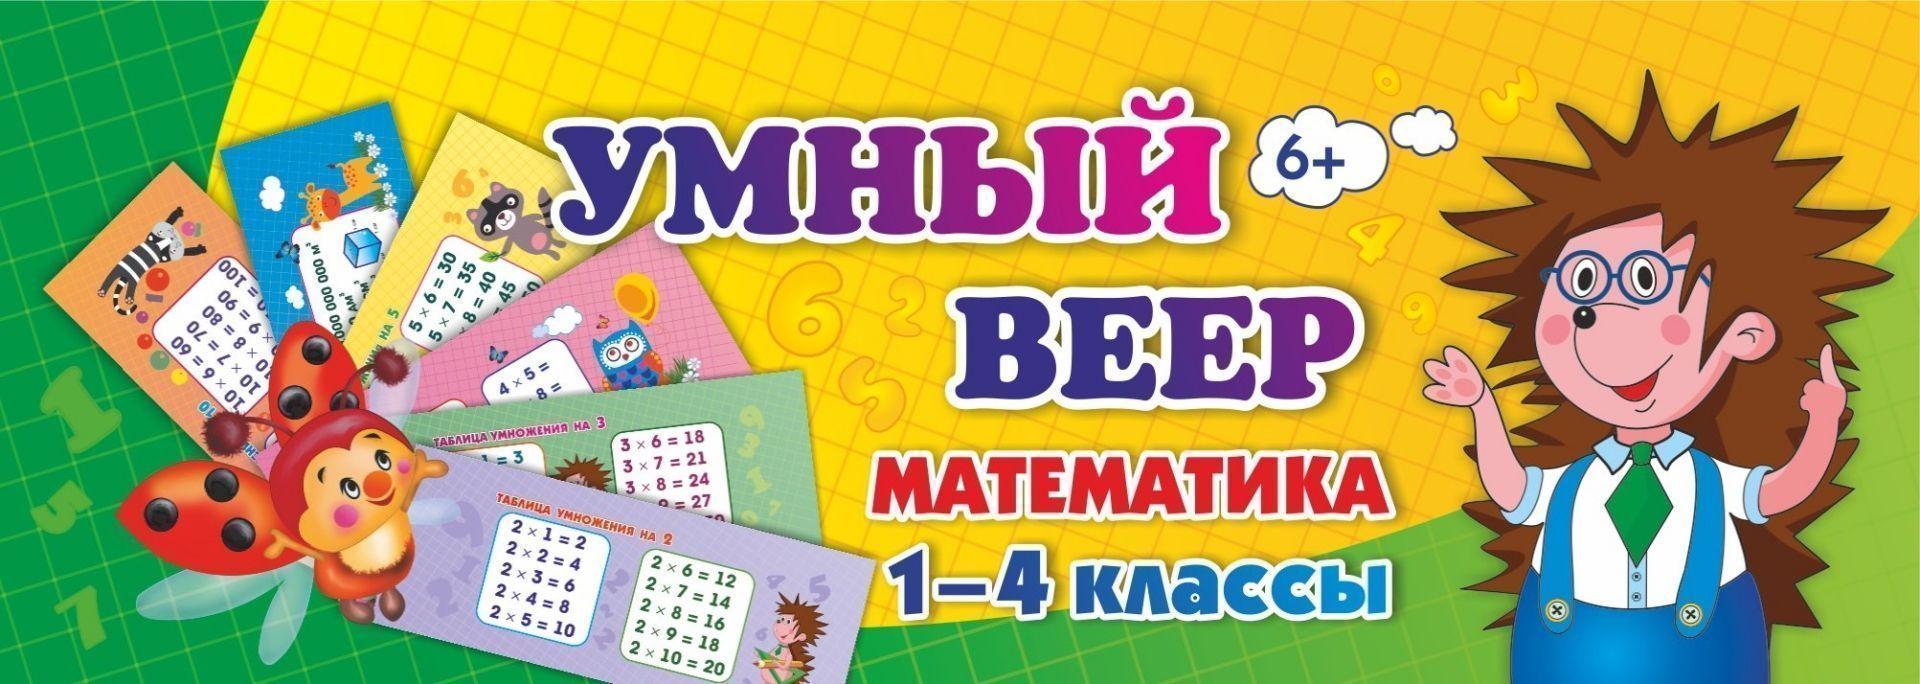 Тематический комплект мини-плакатов. Учебный веер. Математика. 1-4 классыПредметы<br>Учебный веер - это комплект удобных карточек, объединивших в себе основные термины и понятия по математике за курс начальной школы. Карточки доступно и красочно освещают темы, которые изучаются в школе. Каждой теме соответствует задание, с помощью которог...<br><br>Год: 2018<br>Серия: Умный веер<br>Высота: 60<br>Ширина: 170<br>Толщина: 13<br>Переплёт: набор